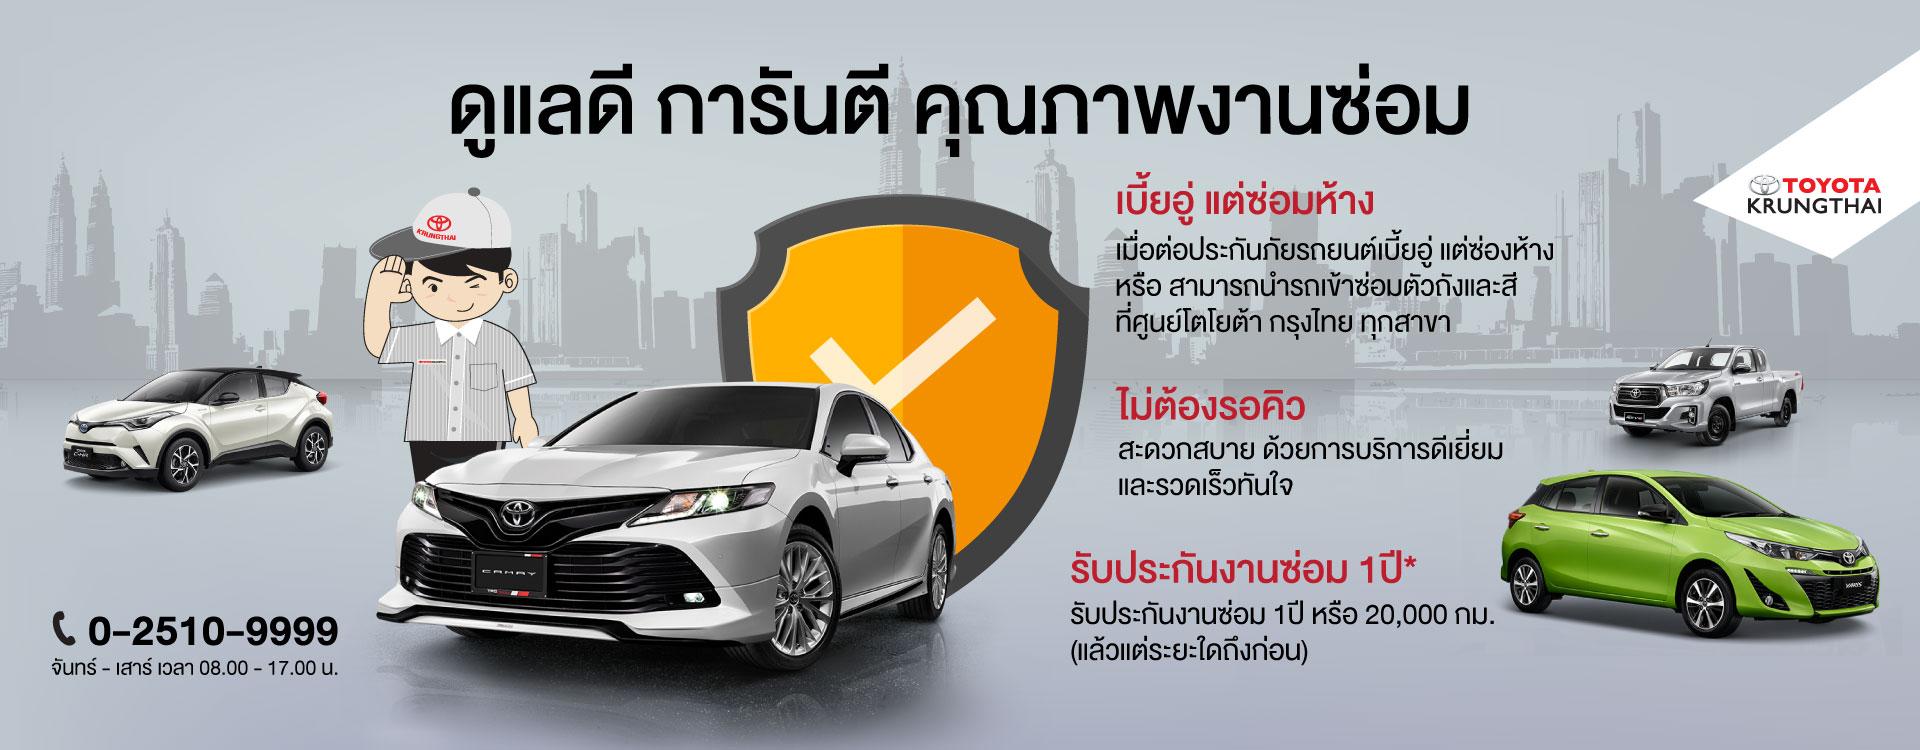 บริการ ประกันภัยรถยนต์ Insurance-Banner_1920x750px(1)